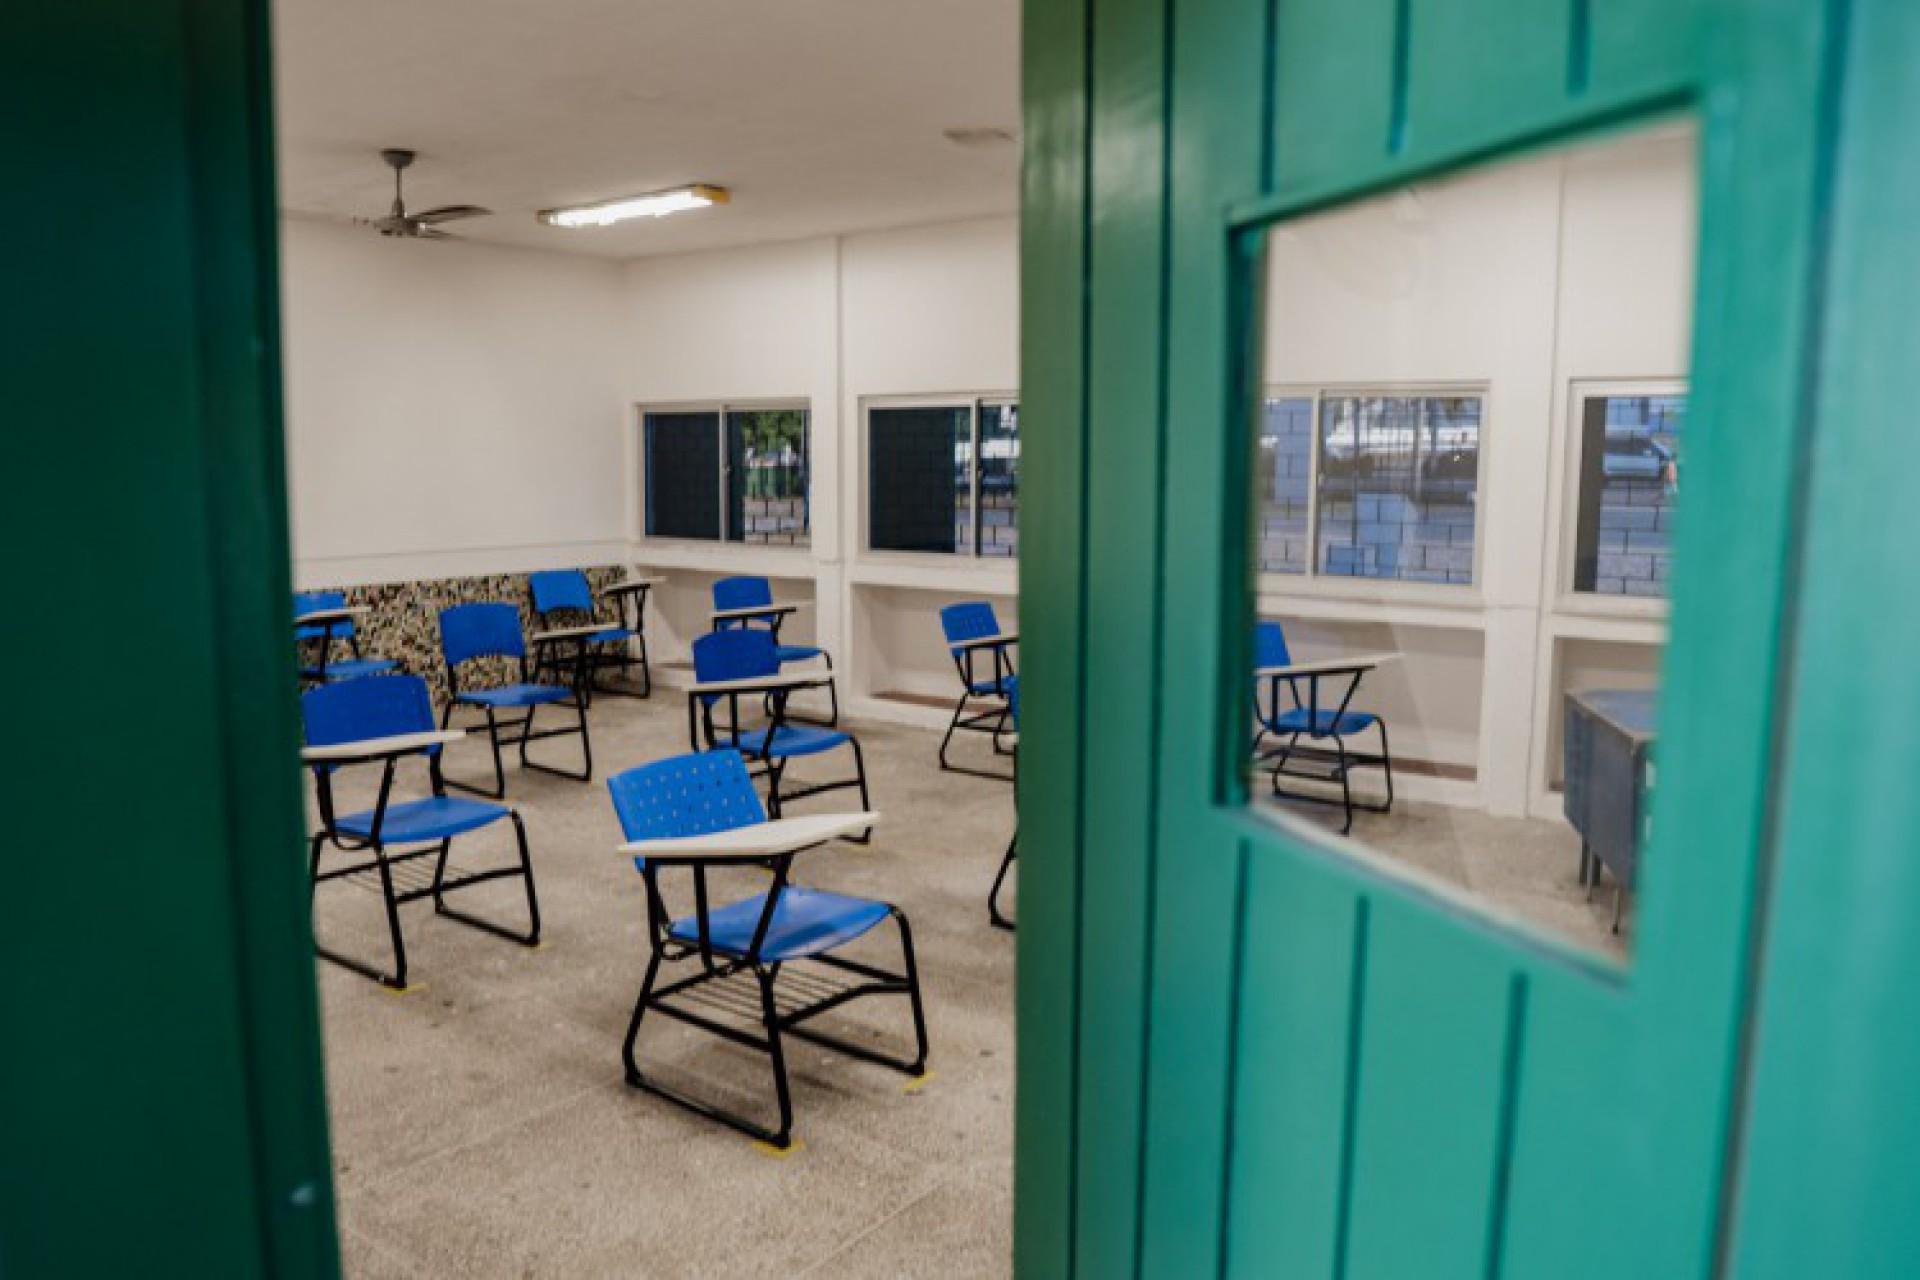 Salas de aula passaram por adaptações para receber estudantes